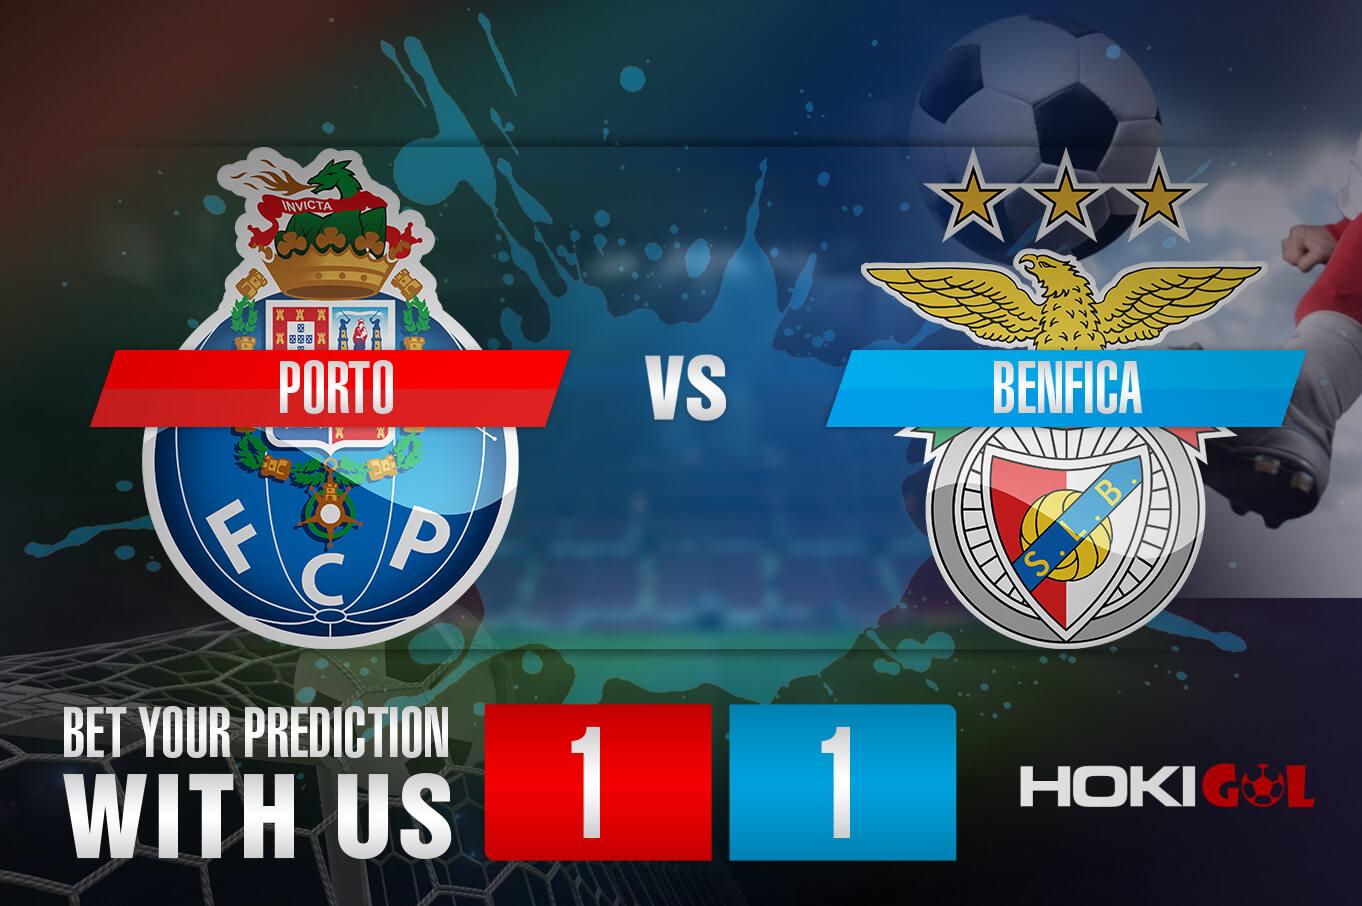 Prediksi Bola Porto Vs Benfica 16 Januari 2021